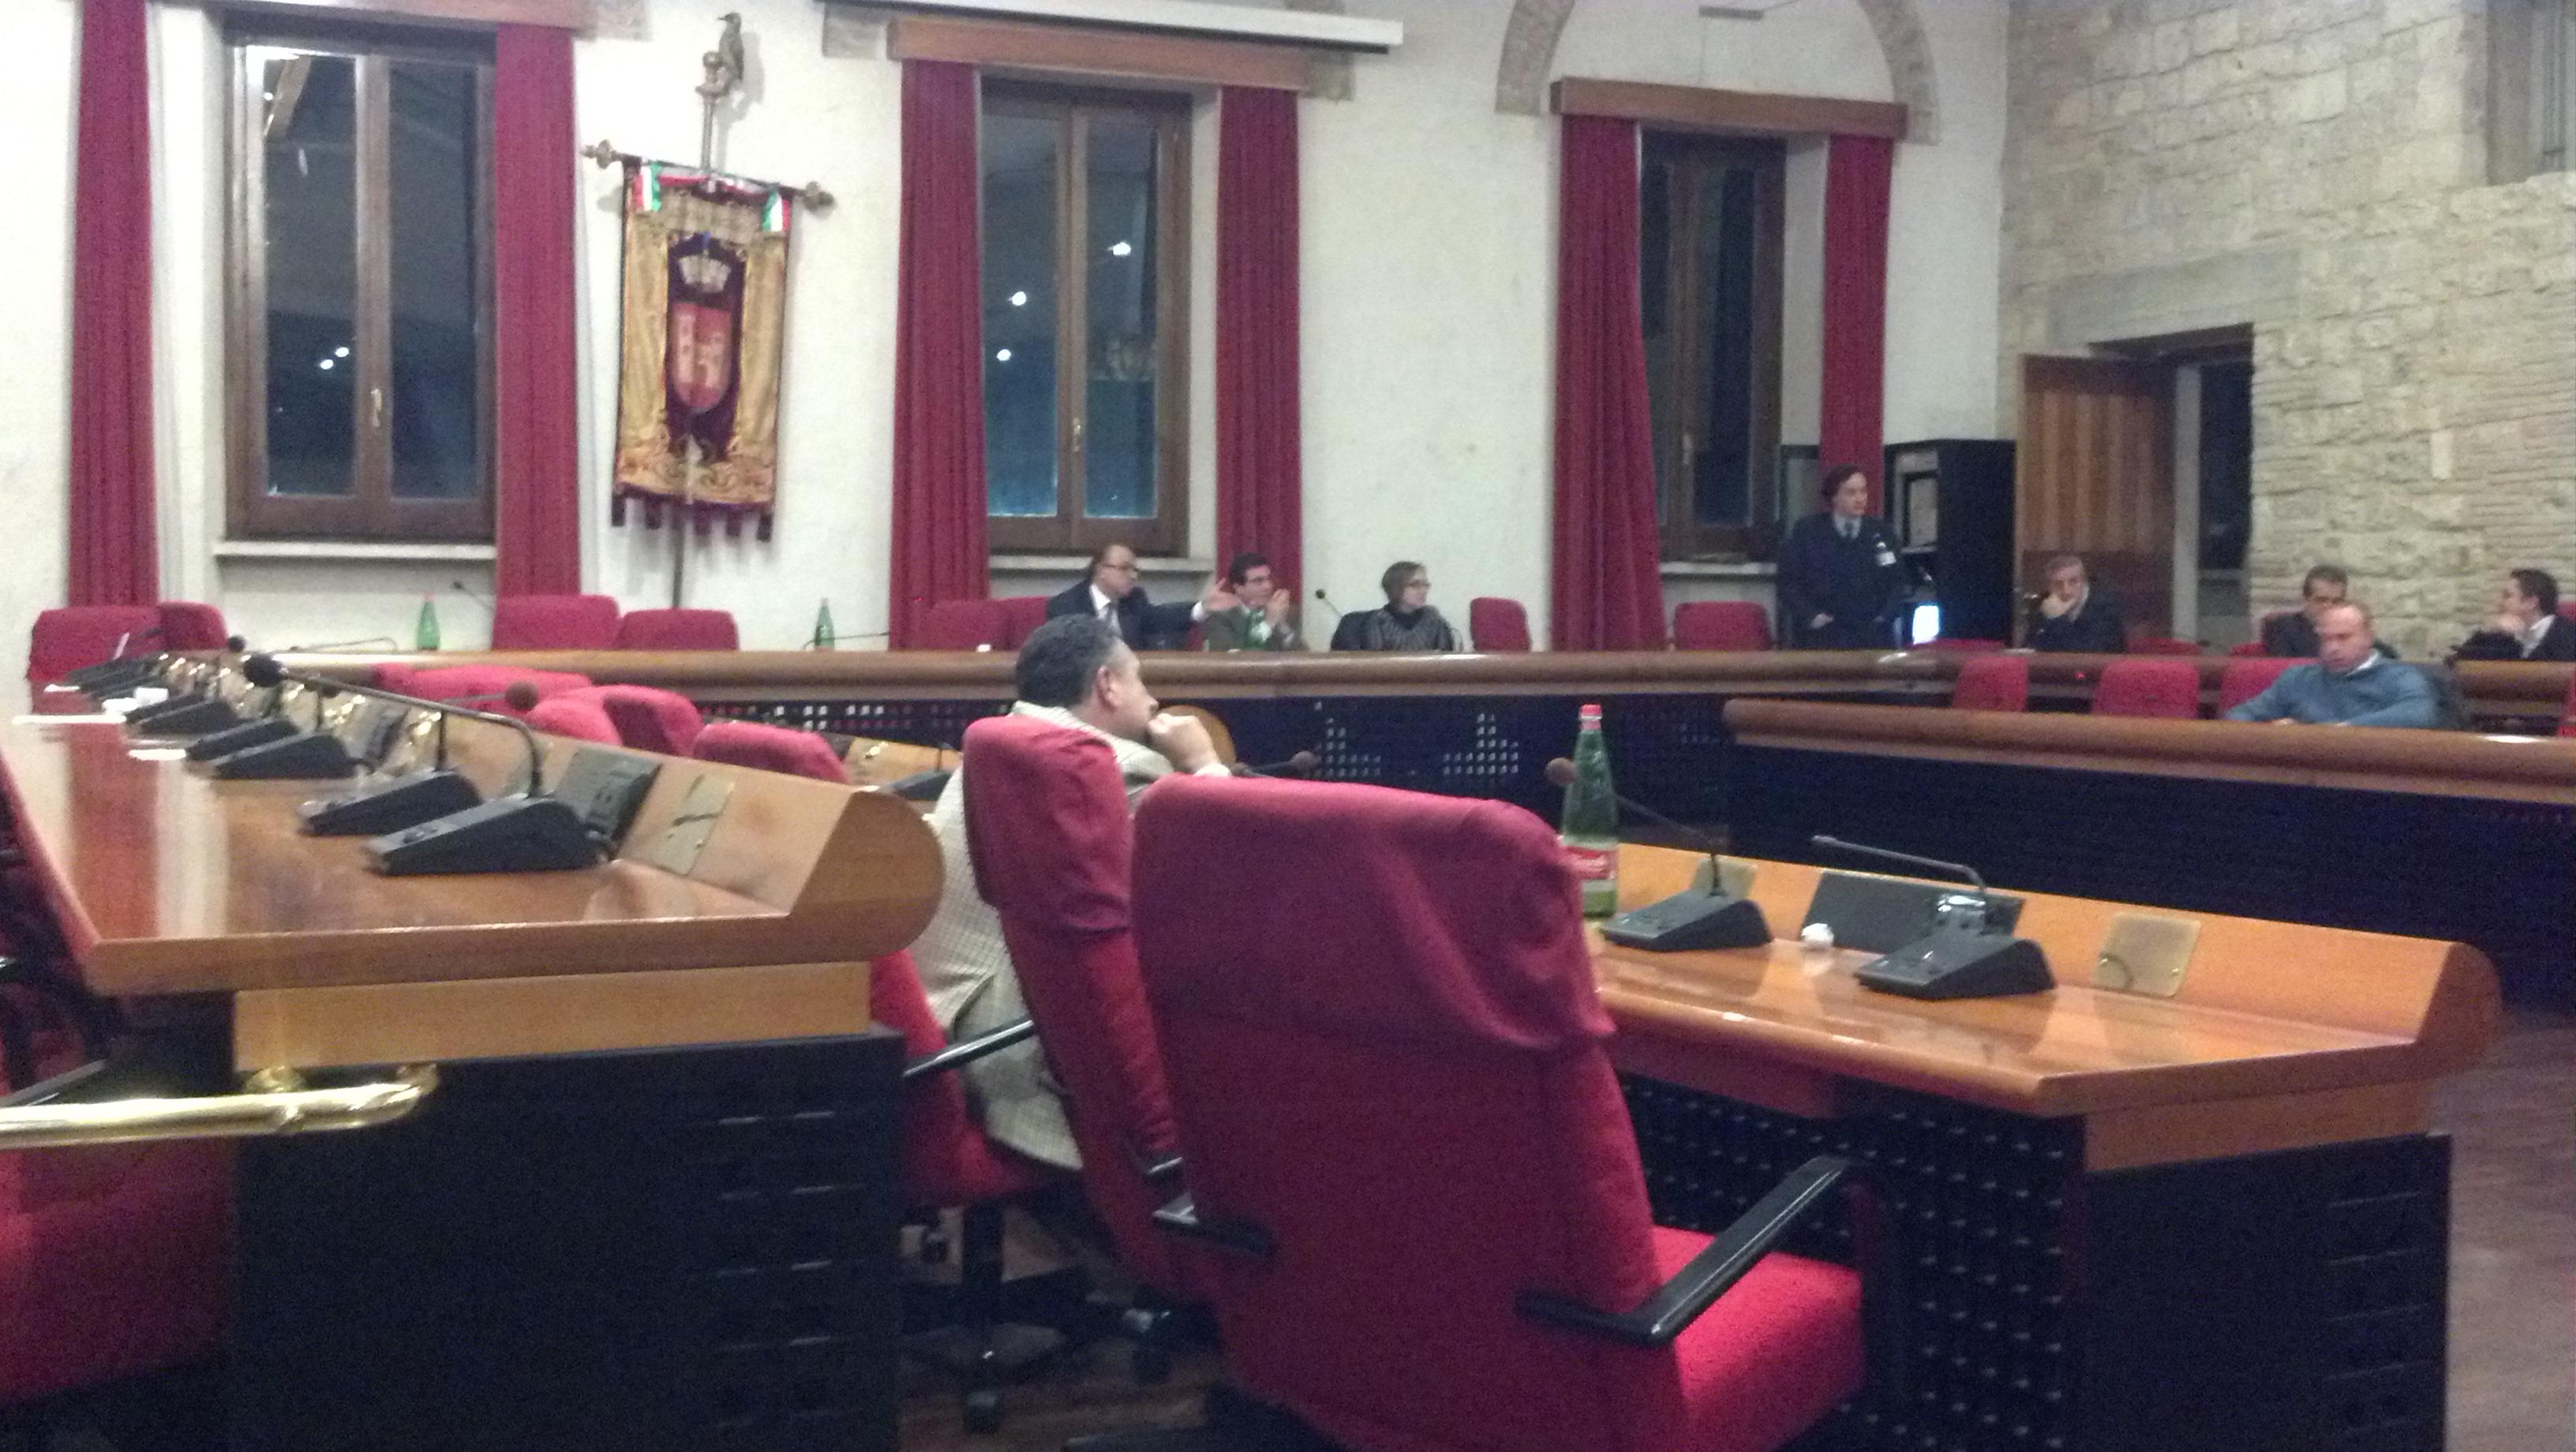 Consiglio comunale del 19 novembre, la maggioranza abbandona i banchi, resta solo Gibellieri e il presidente del Consiglio Trenta a discutere con l'opposizione